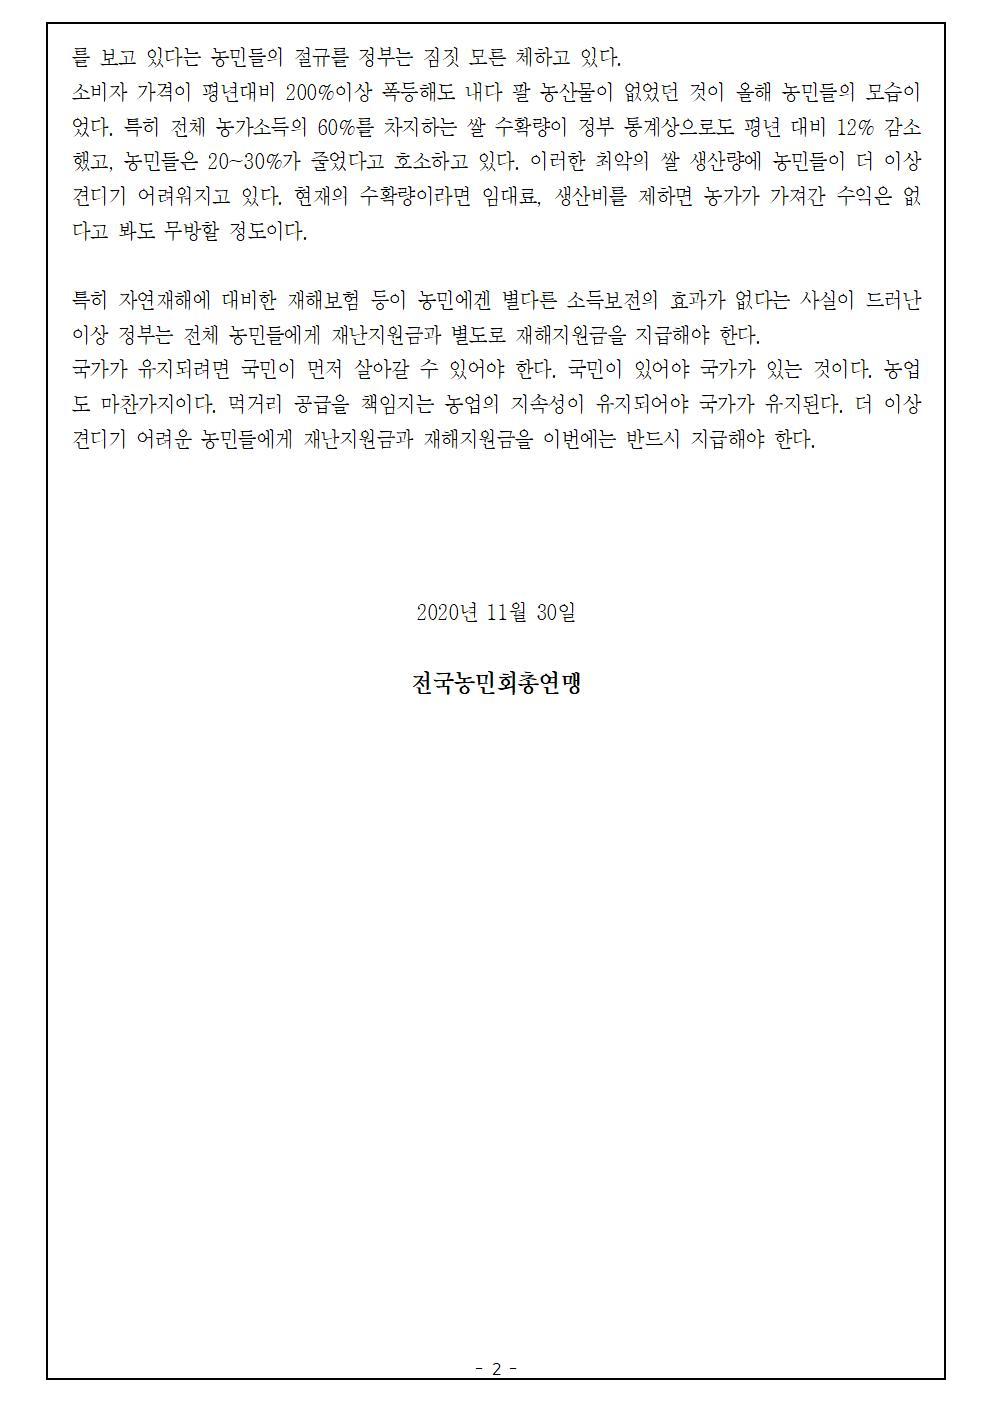 201130 재해지원 전국농민회총연맹 성명서002.jpg